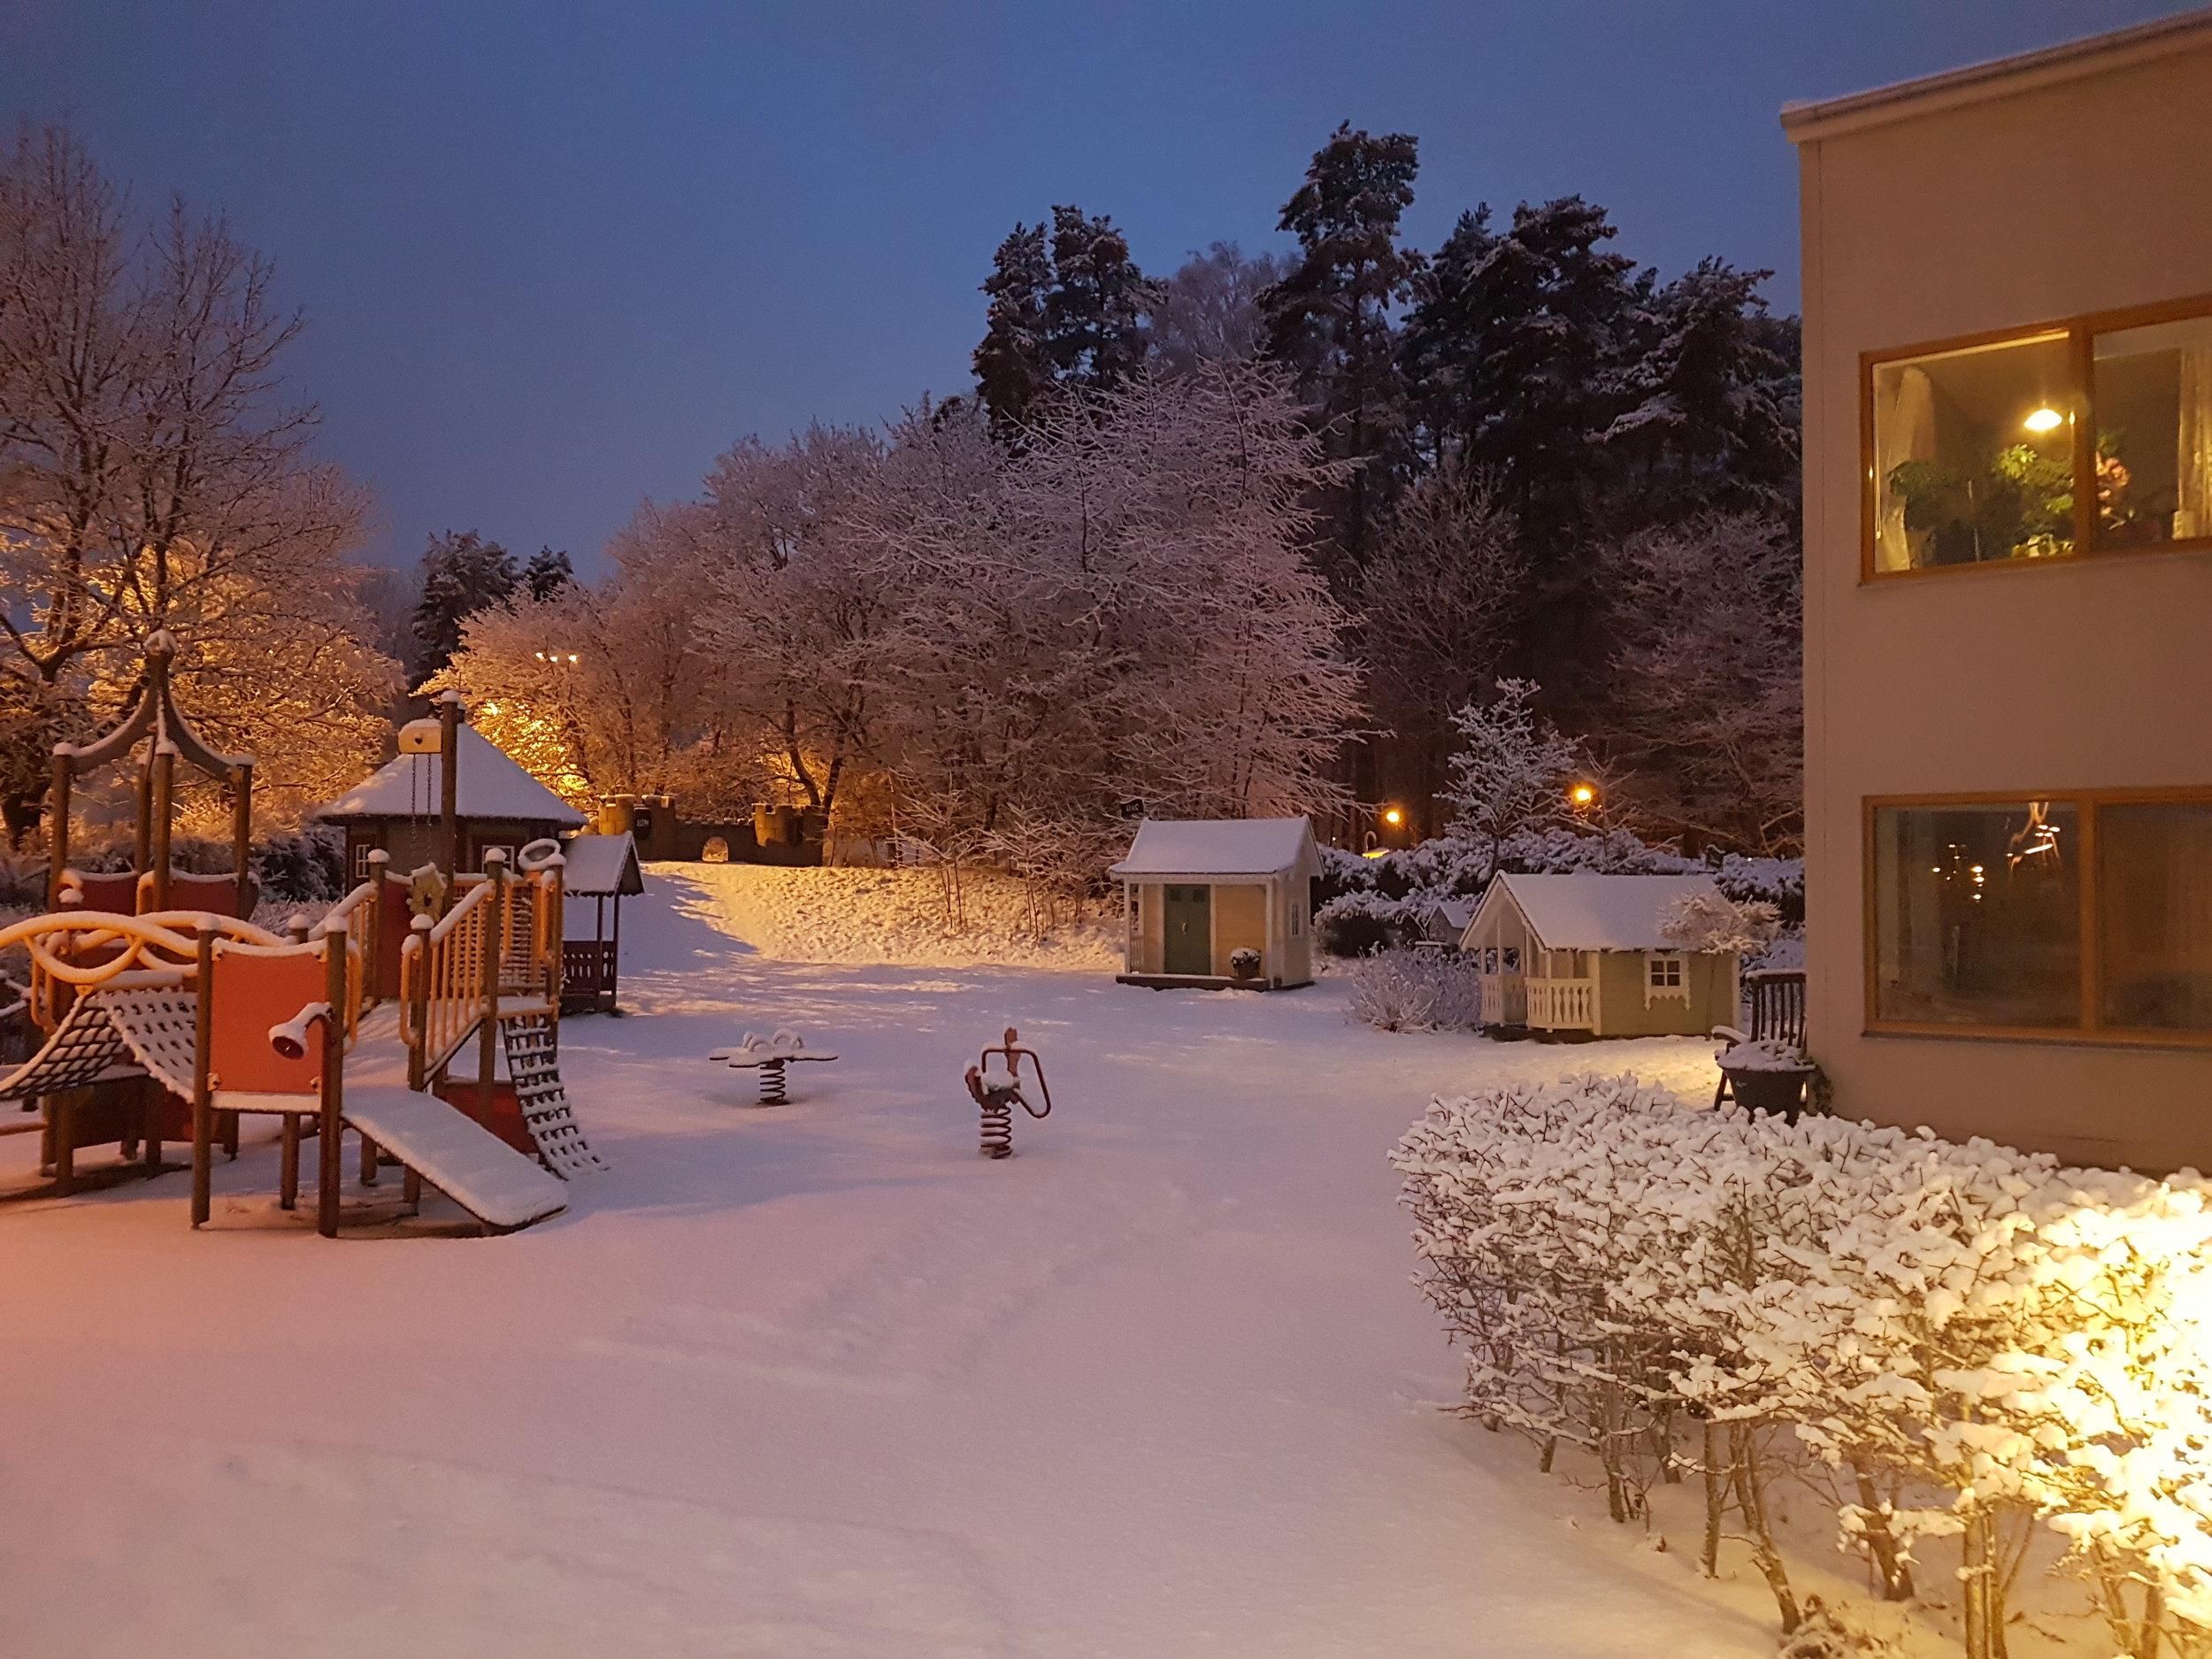 Vinterlandskap trädgård.jpg